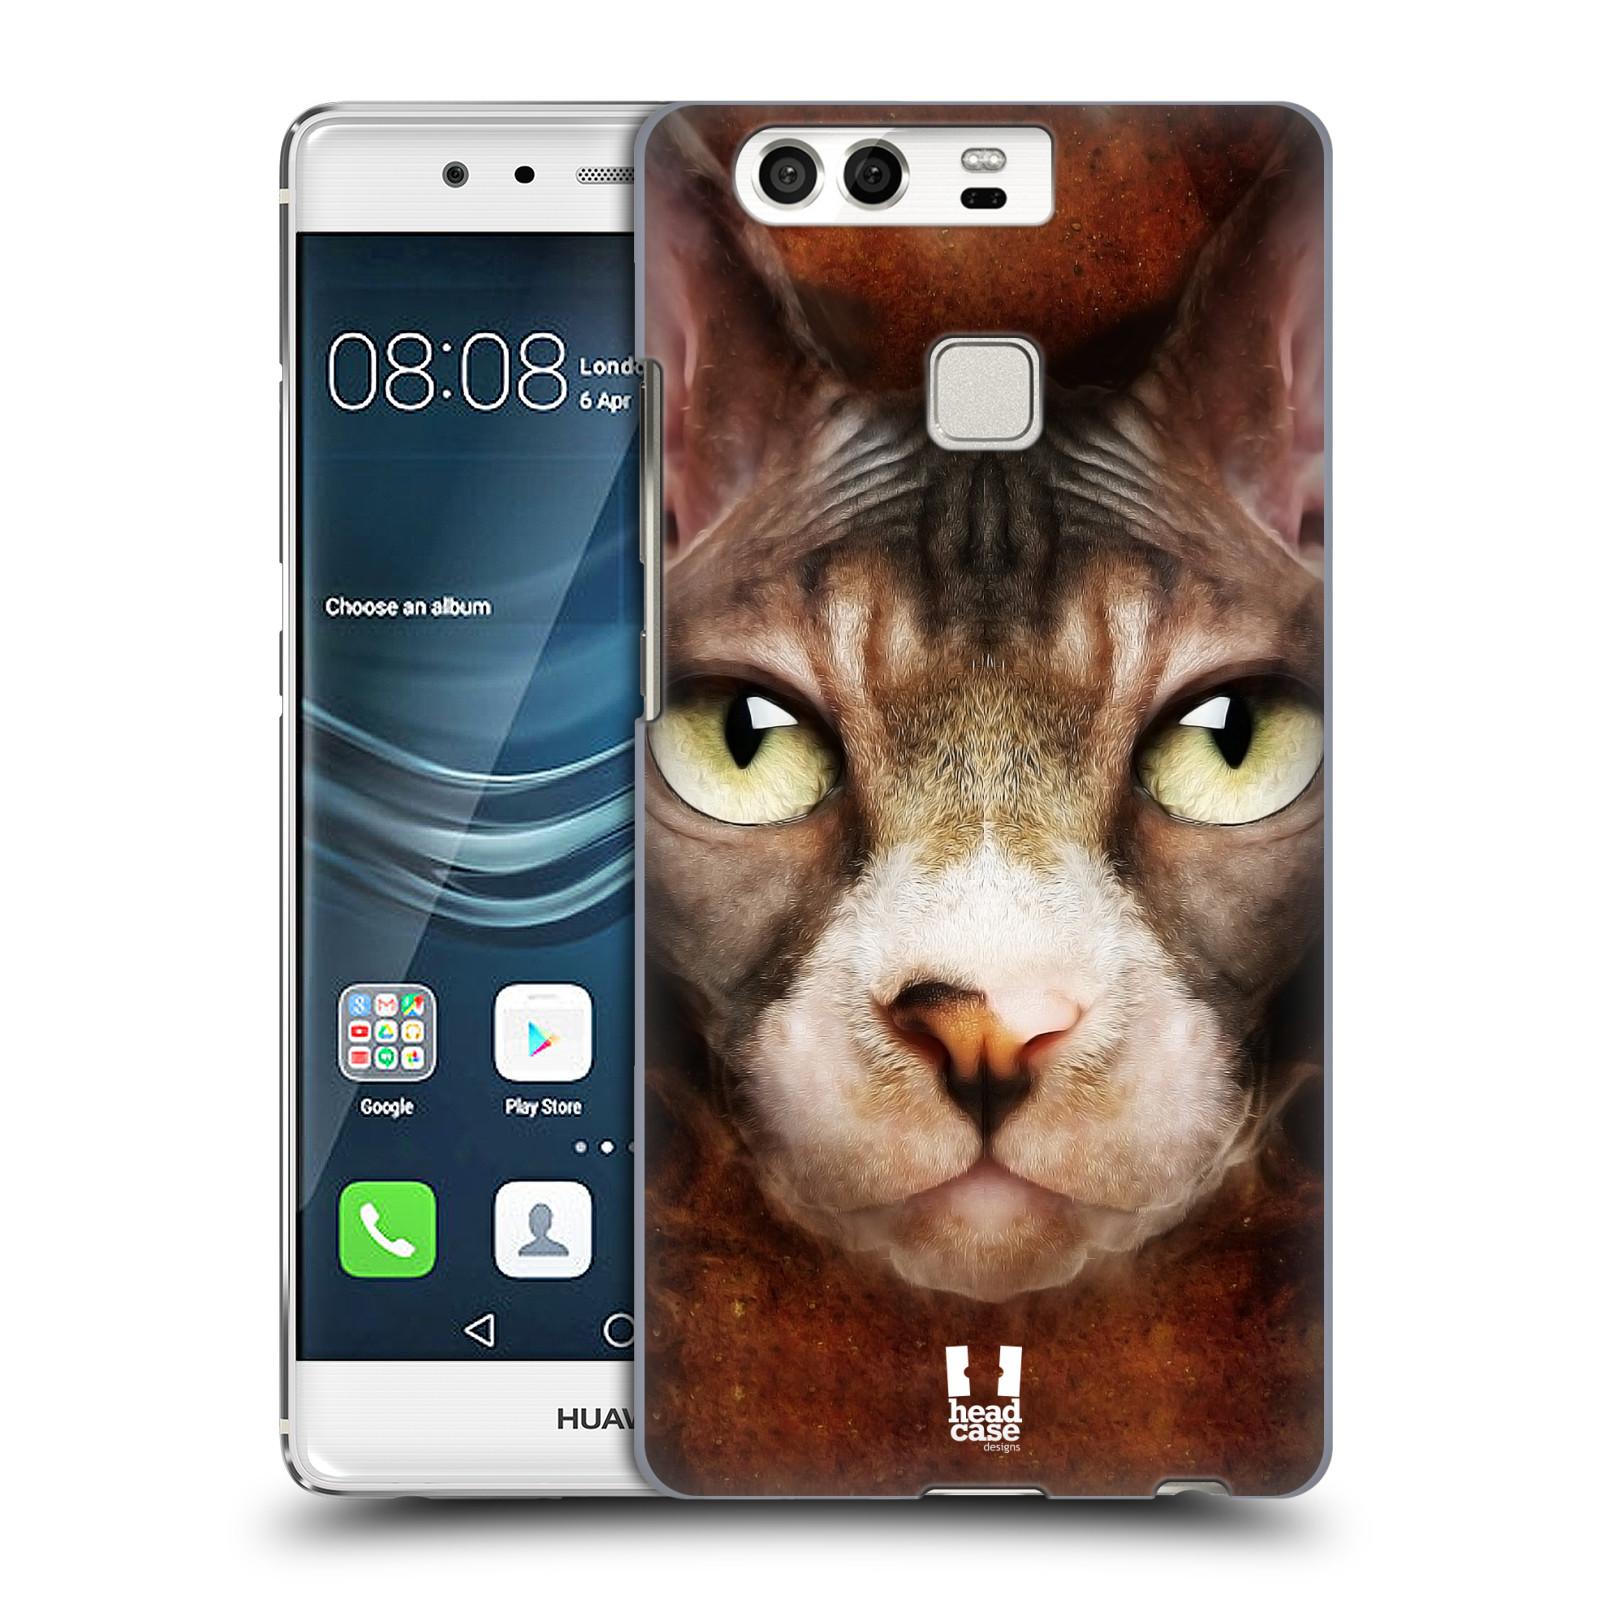 HEAD CASE plastový obal na mobil Huawei P9 / P9 DUAL SIM vzor Zvířecí tváře kočka sphynx